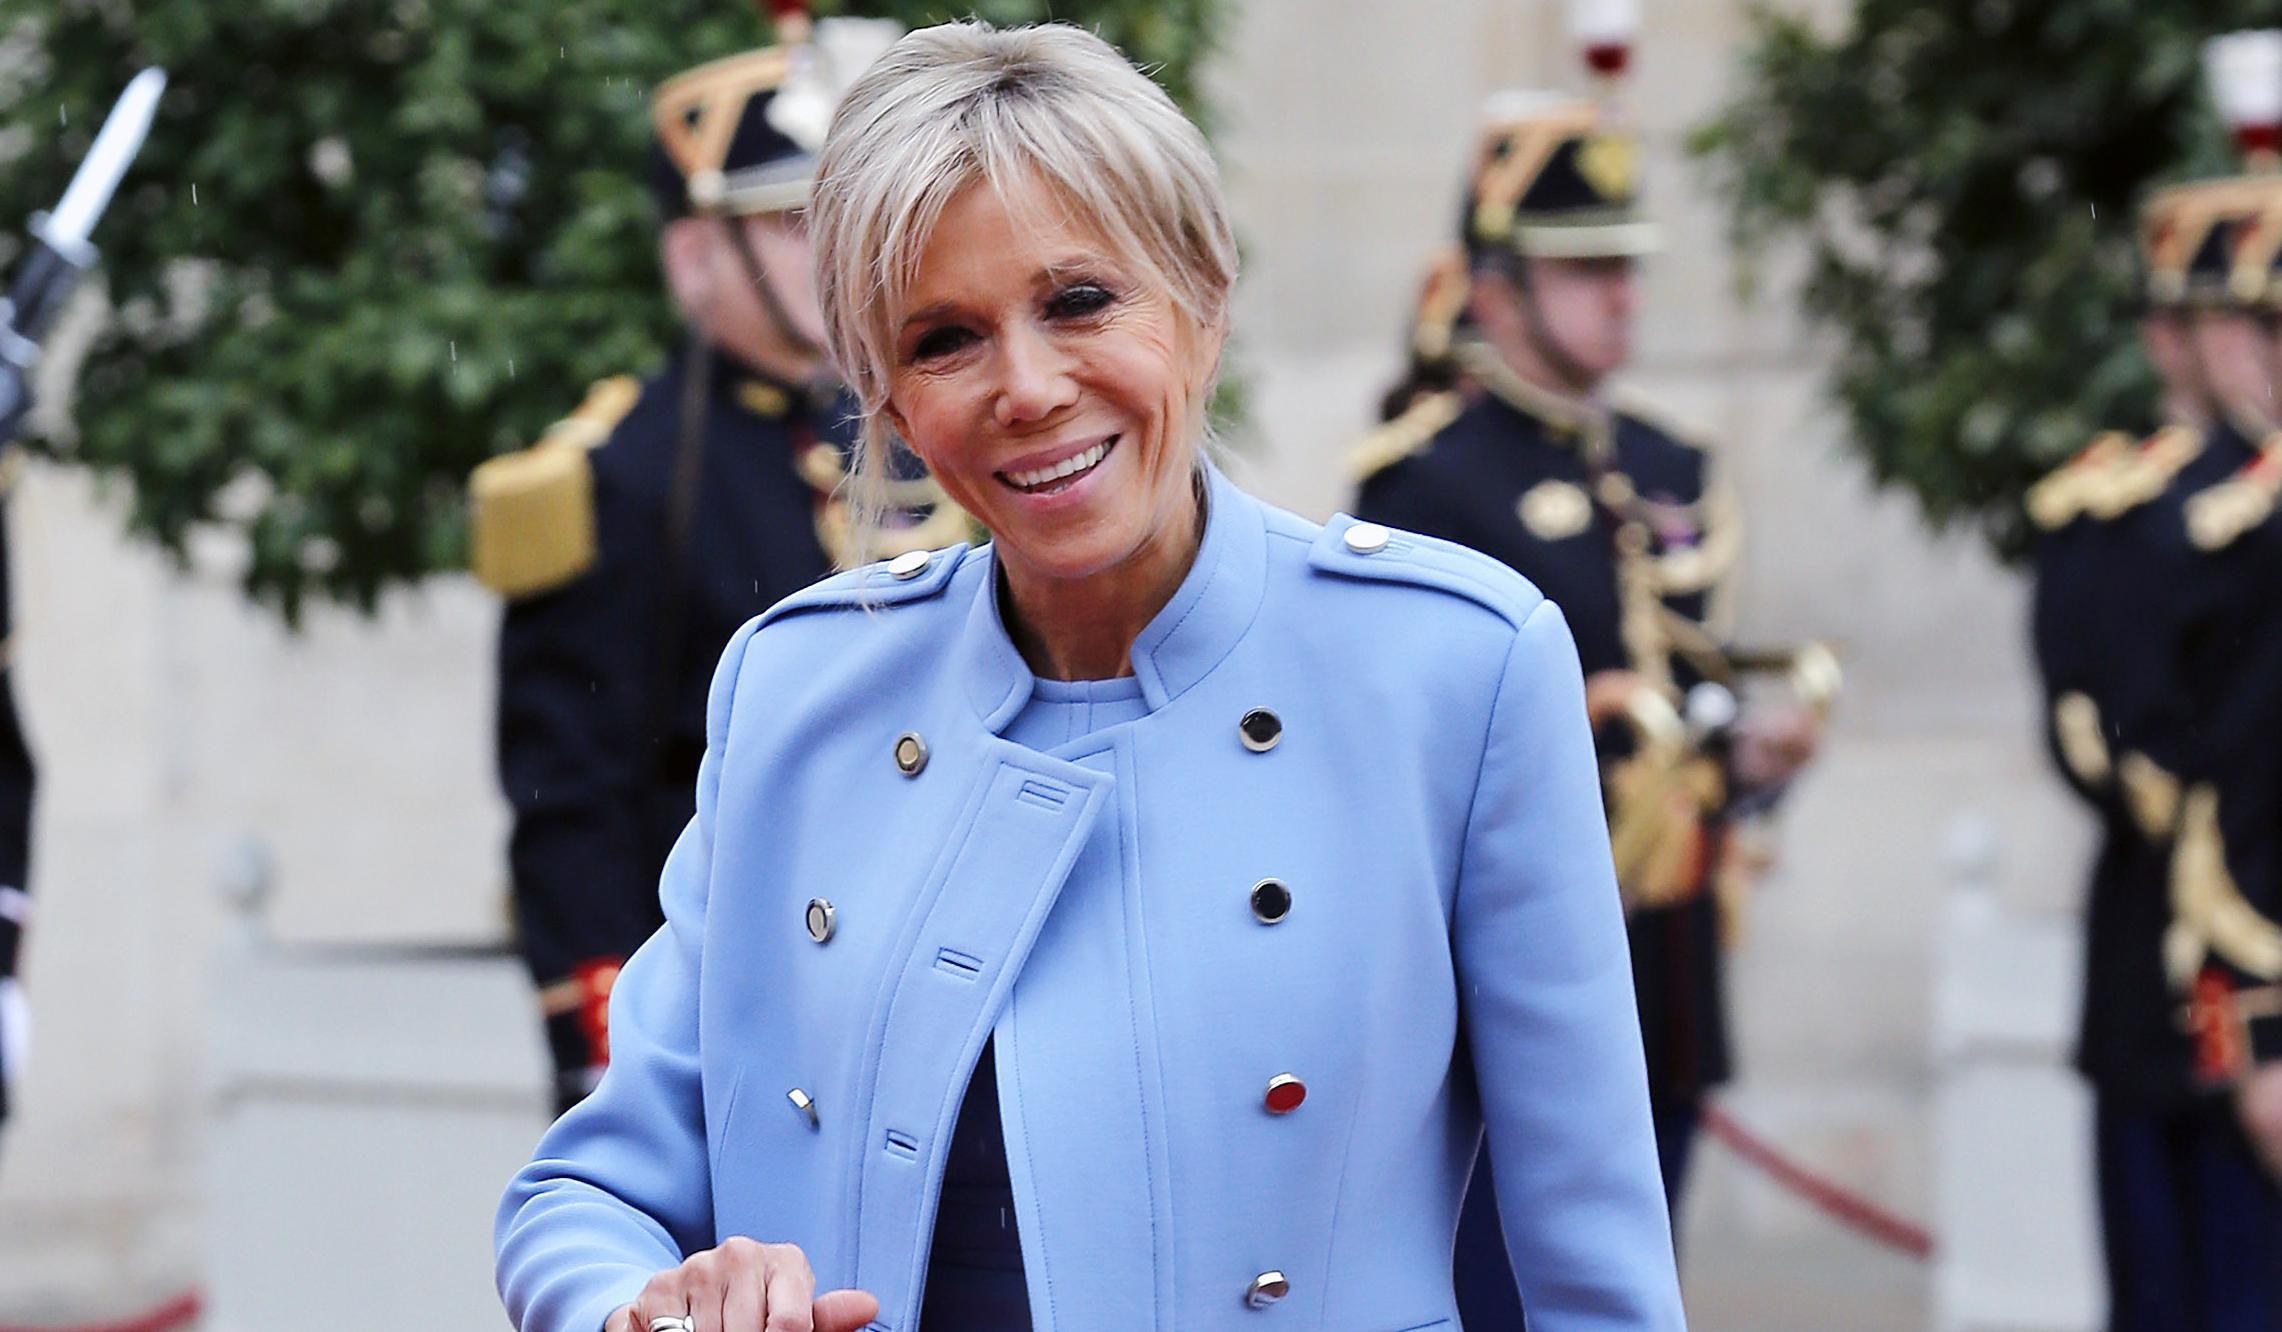 I dalje mladenački: Brigitte Macron u kombinaciji u kojoj je nismo navikli viđati